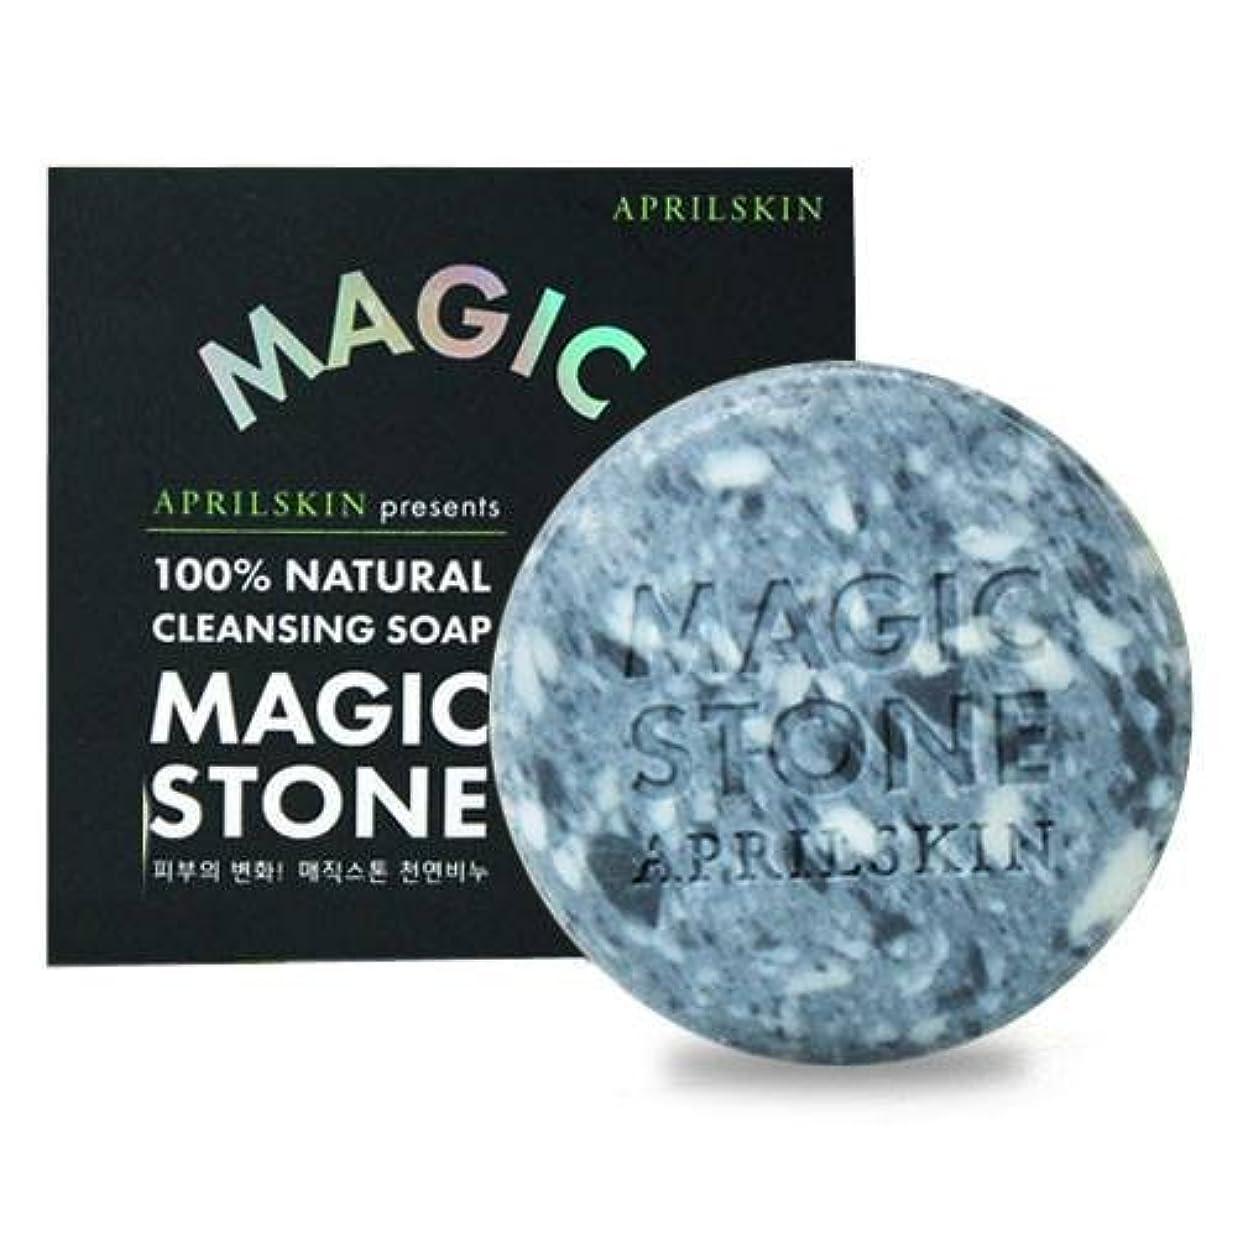 運賃小売画像[APRILSKIN] エイプリルスキン国民石鹸 (APRIL SKIN magic stone マジックストーンのリニューアルバージョン新発売) (ORIGINAL) [並行輸入品]